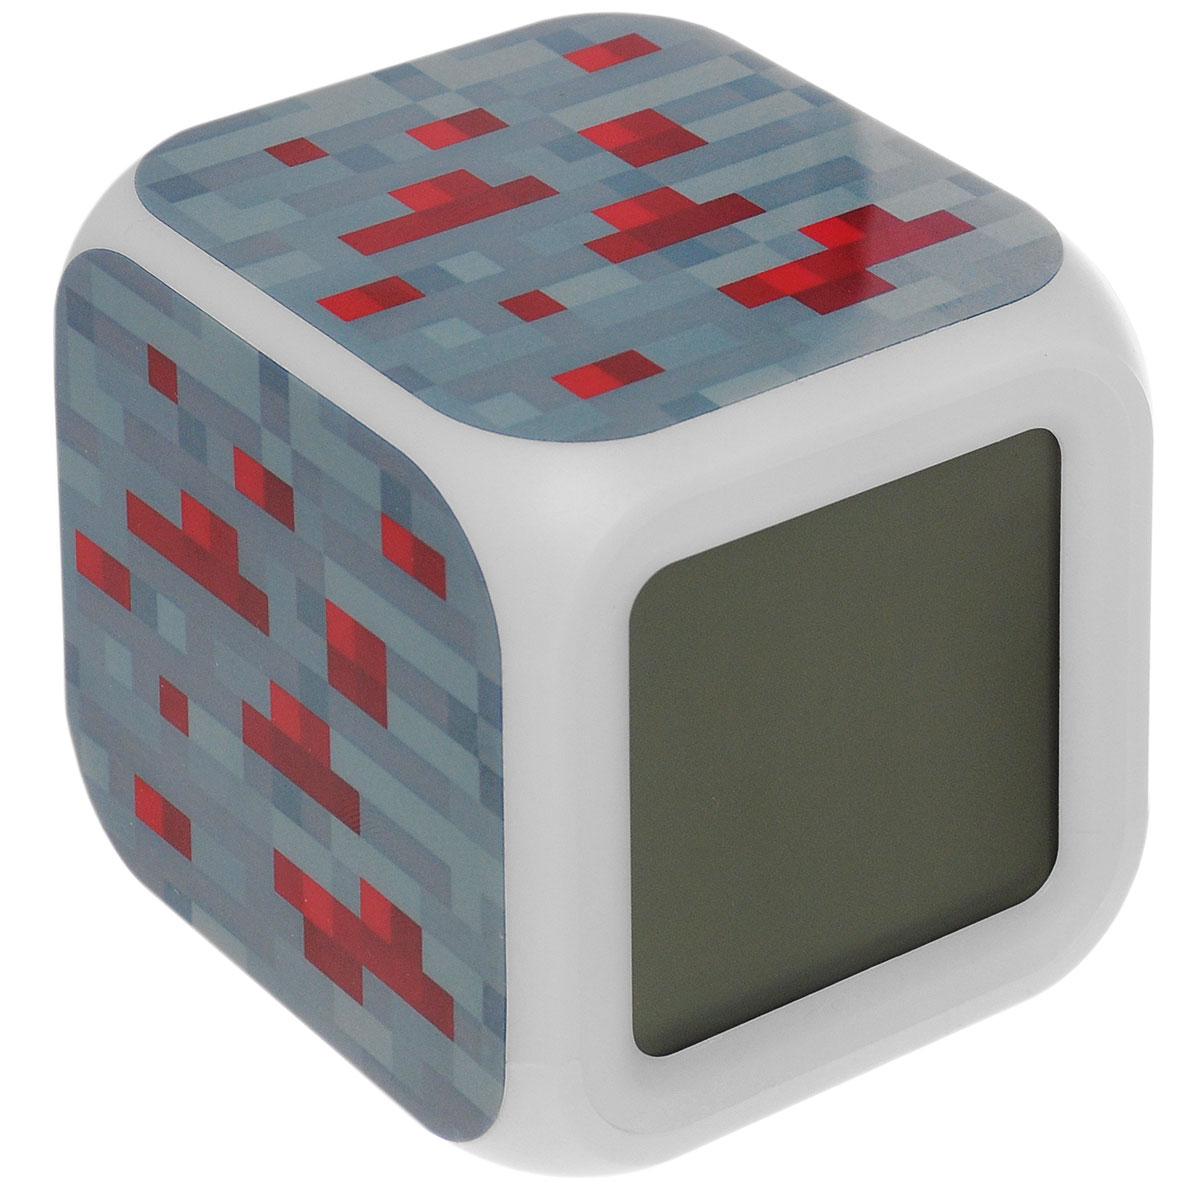 Часы-будильник настольные Minecraft Блок красной руды, пиксельные, с подсветкой, цвет: серый, красный. N03351300074_ежевикаНастольные часы Minecraft Блок красной руды своим эксклюзивным дизайном подчеркнут оригинальность интерьера вашего дома. Изделие выполнено в виде блока красной руды. Часы создающие настроение. Это - светильник, часы, будильник. Семь оттенков мягкой подсветки, термометр и календарь. Все данные отображаются на ЖК-дисплее.Настольные часы Minecraft станут прекрасным аксессуаром для вашего дома, либо прекрасным подарком, который обязательно понравится получателю. Необходимо докупить 4 батарейки типа ААА (в комплект не входят).